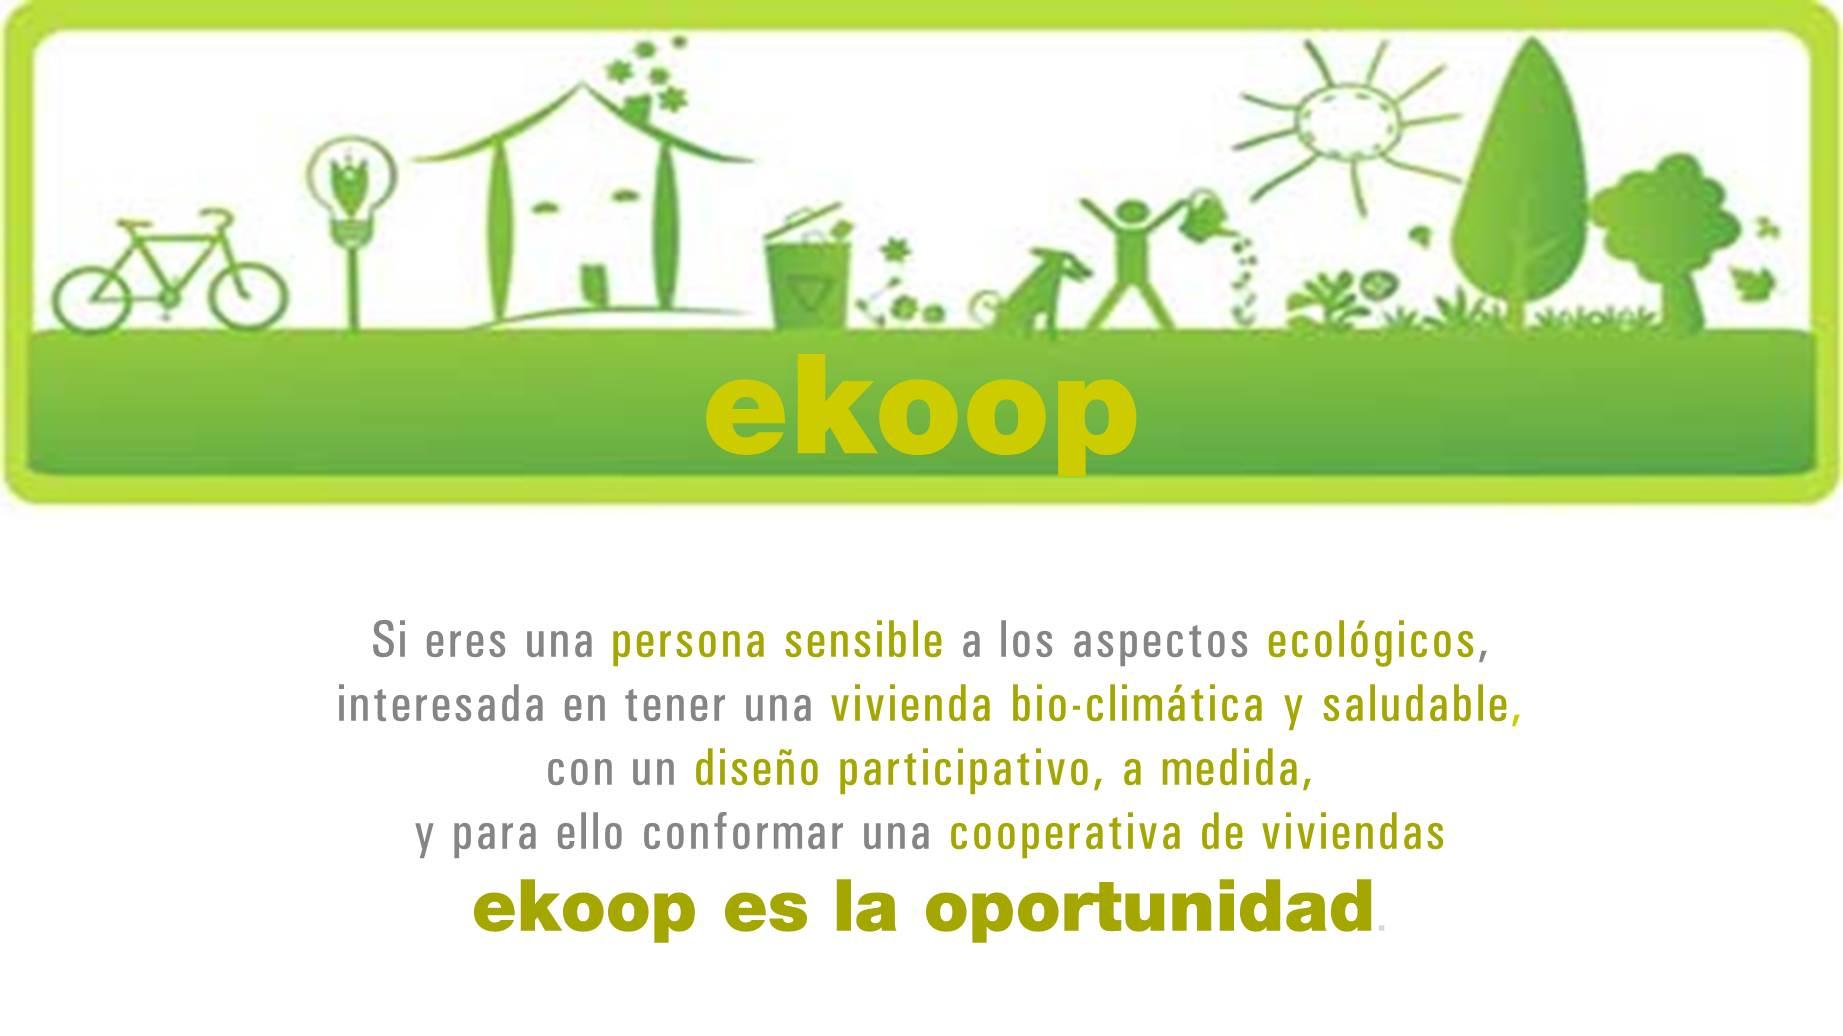 ekoop3